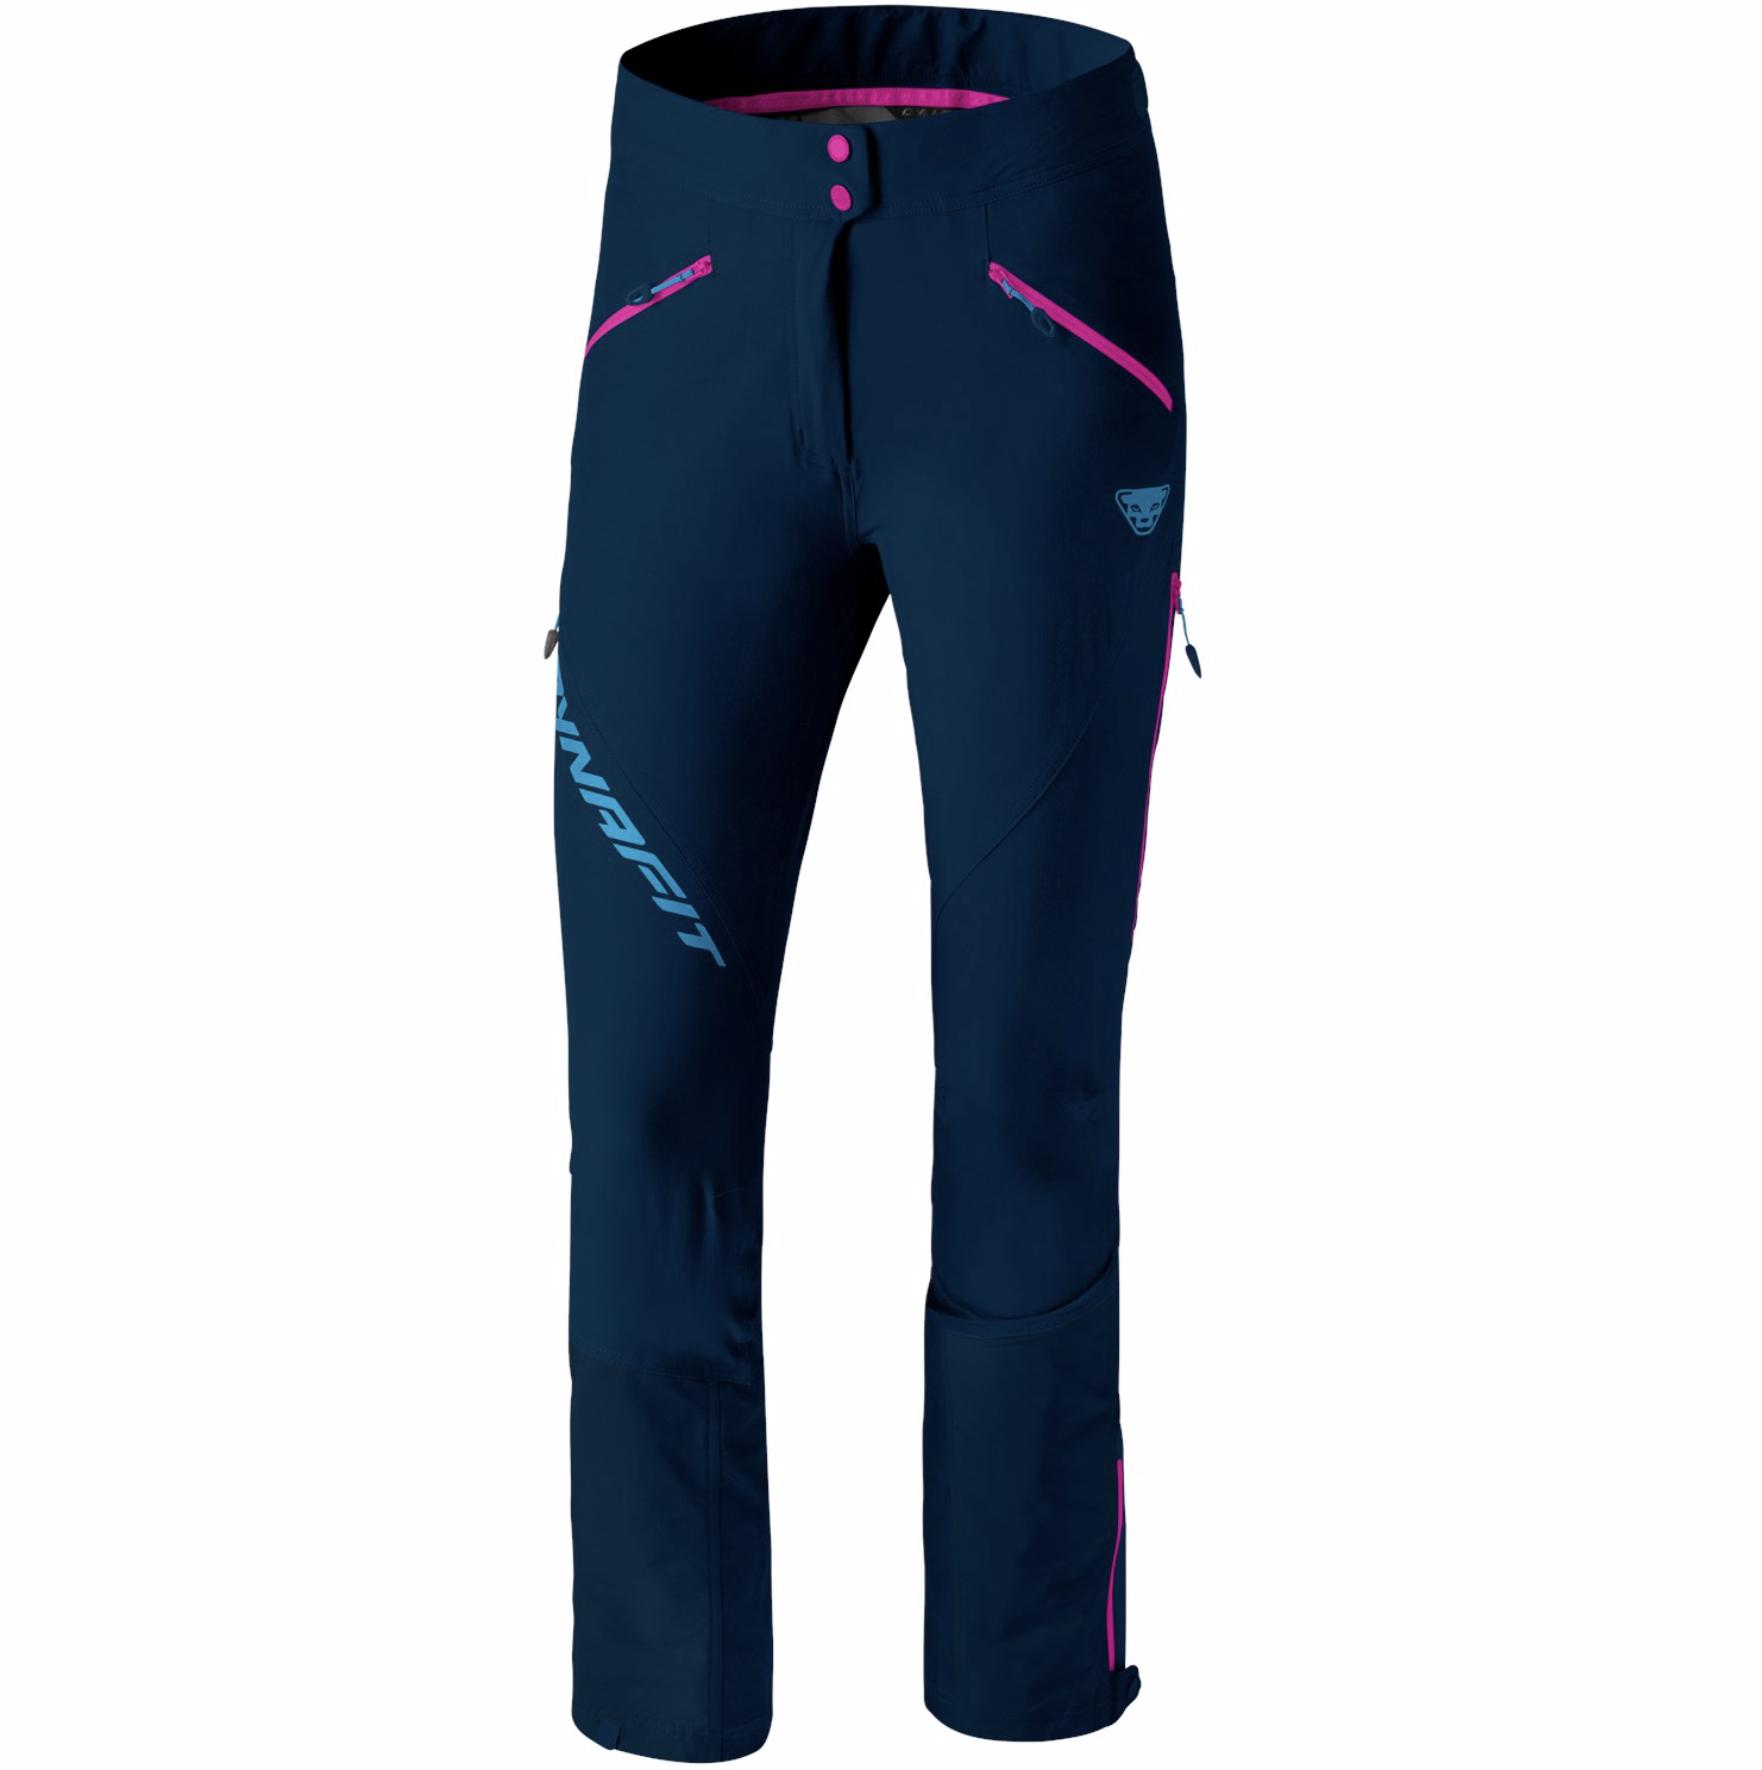 Pantalon TLT 2